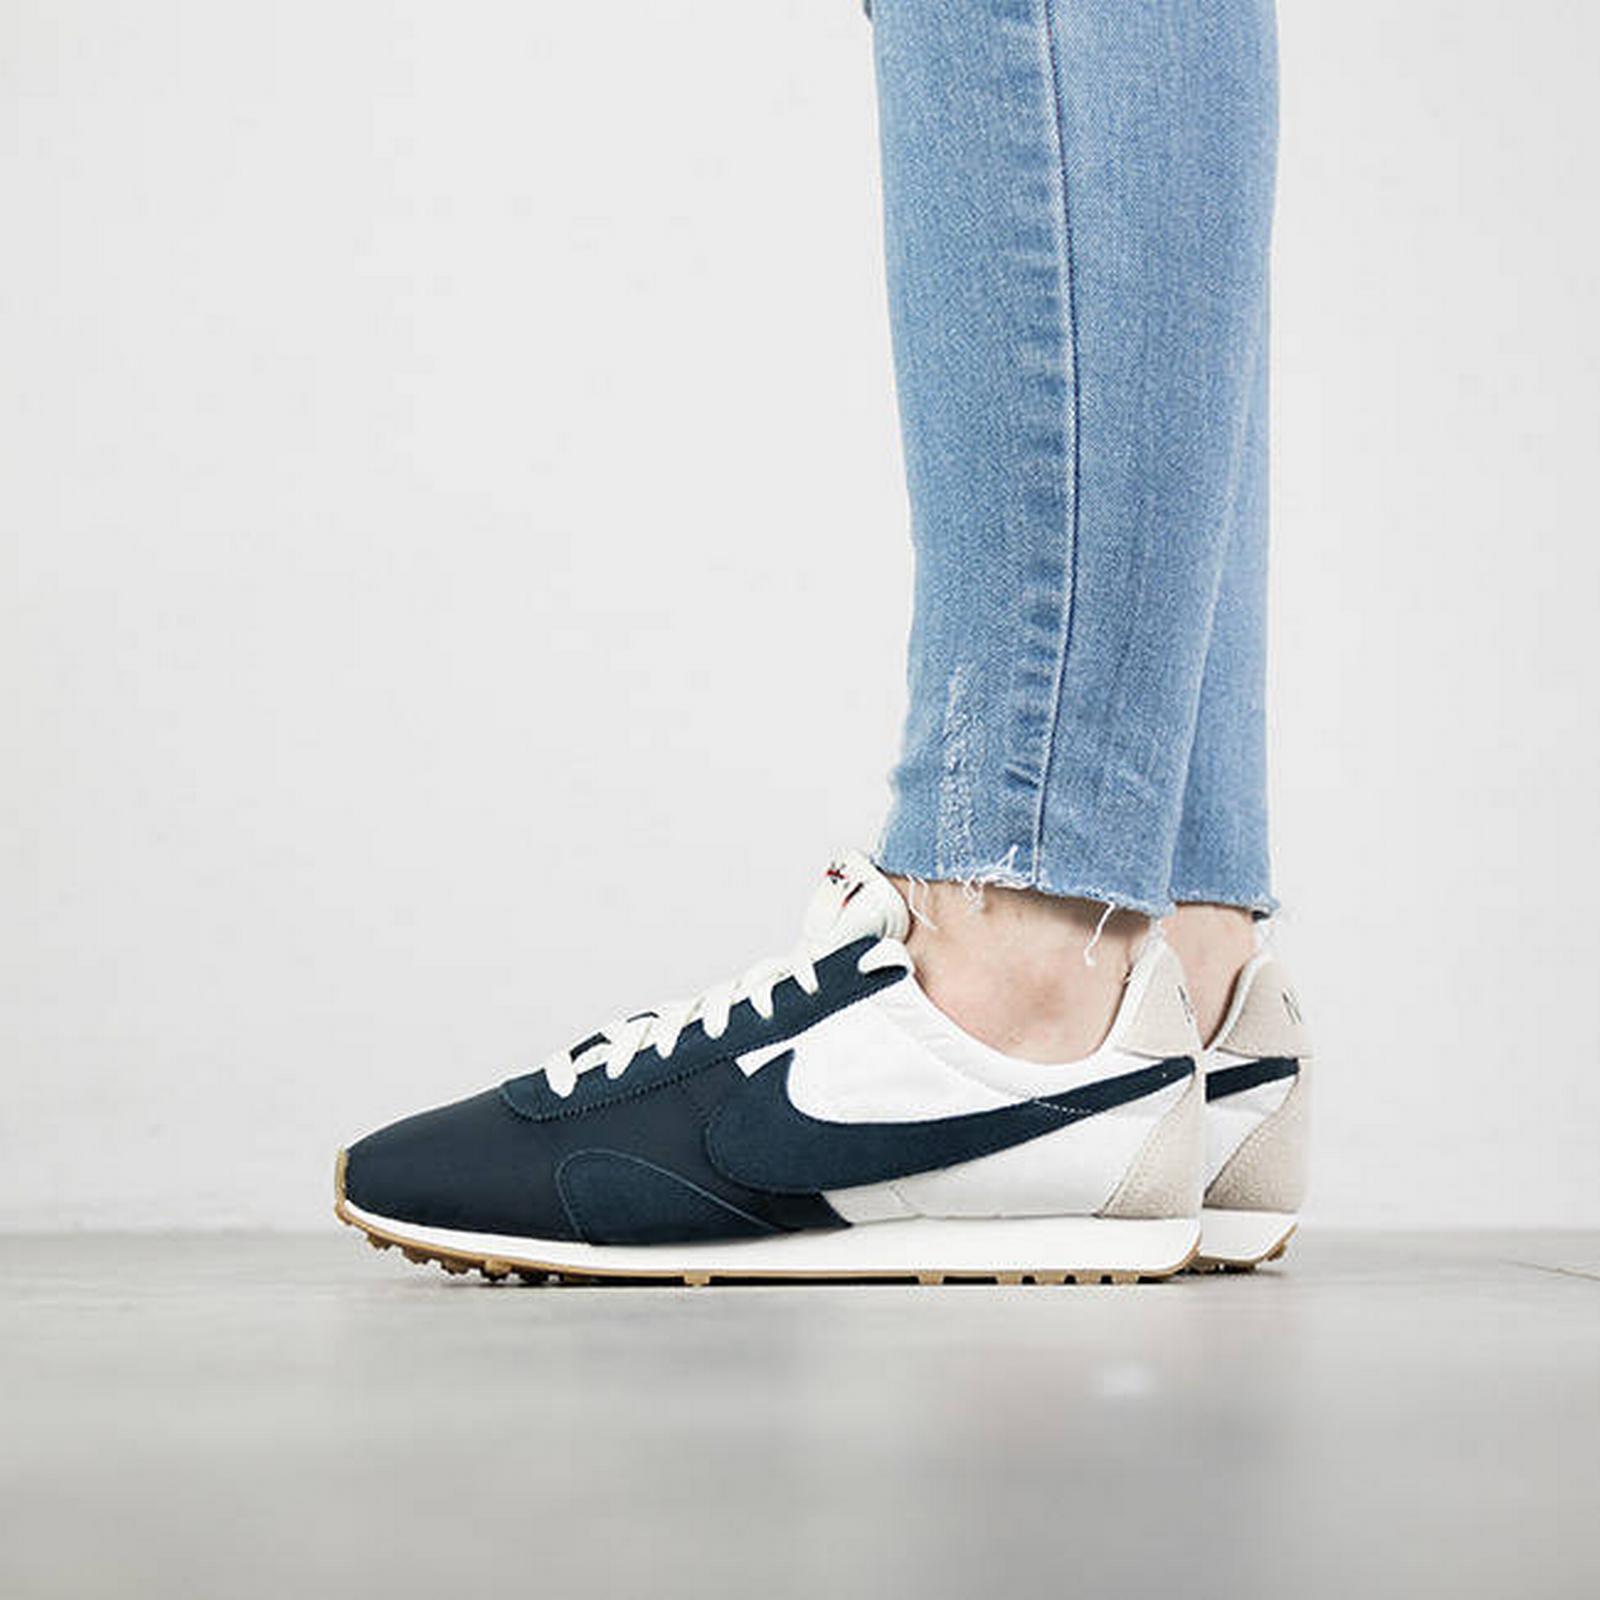 les chaussures de tennis nike nike nike 828436 828436 pr b78662